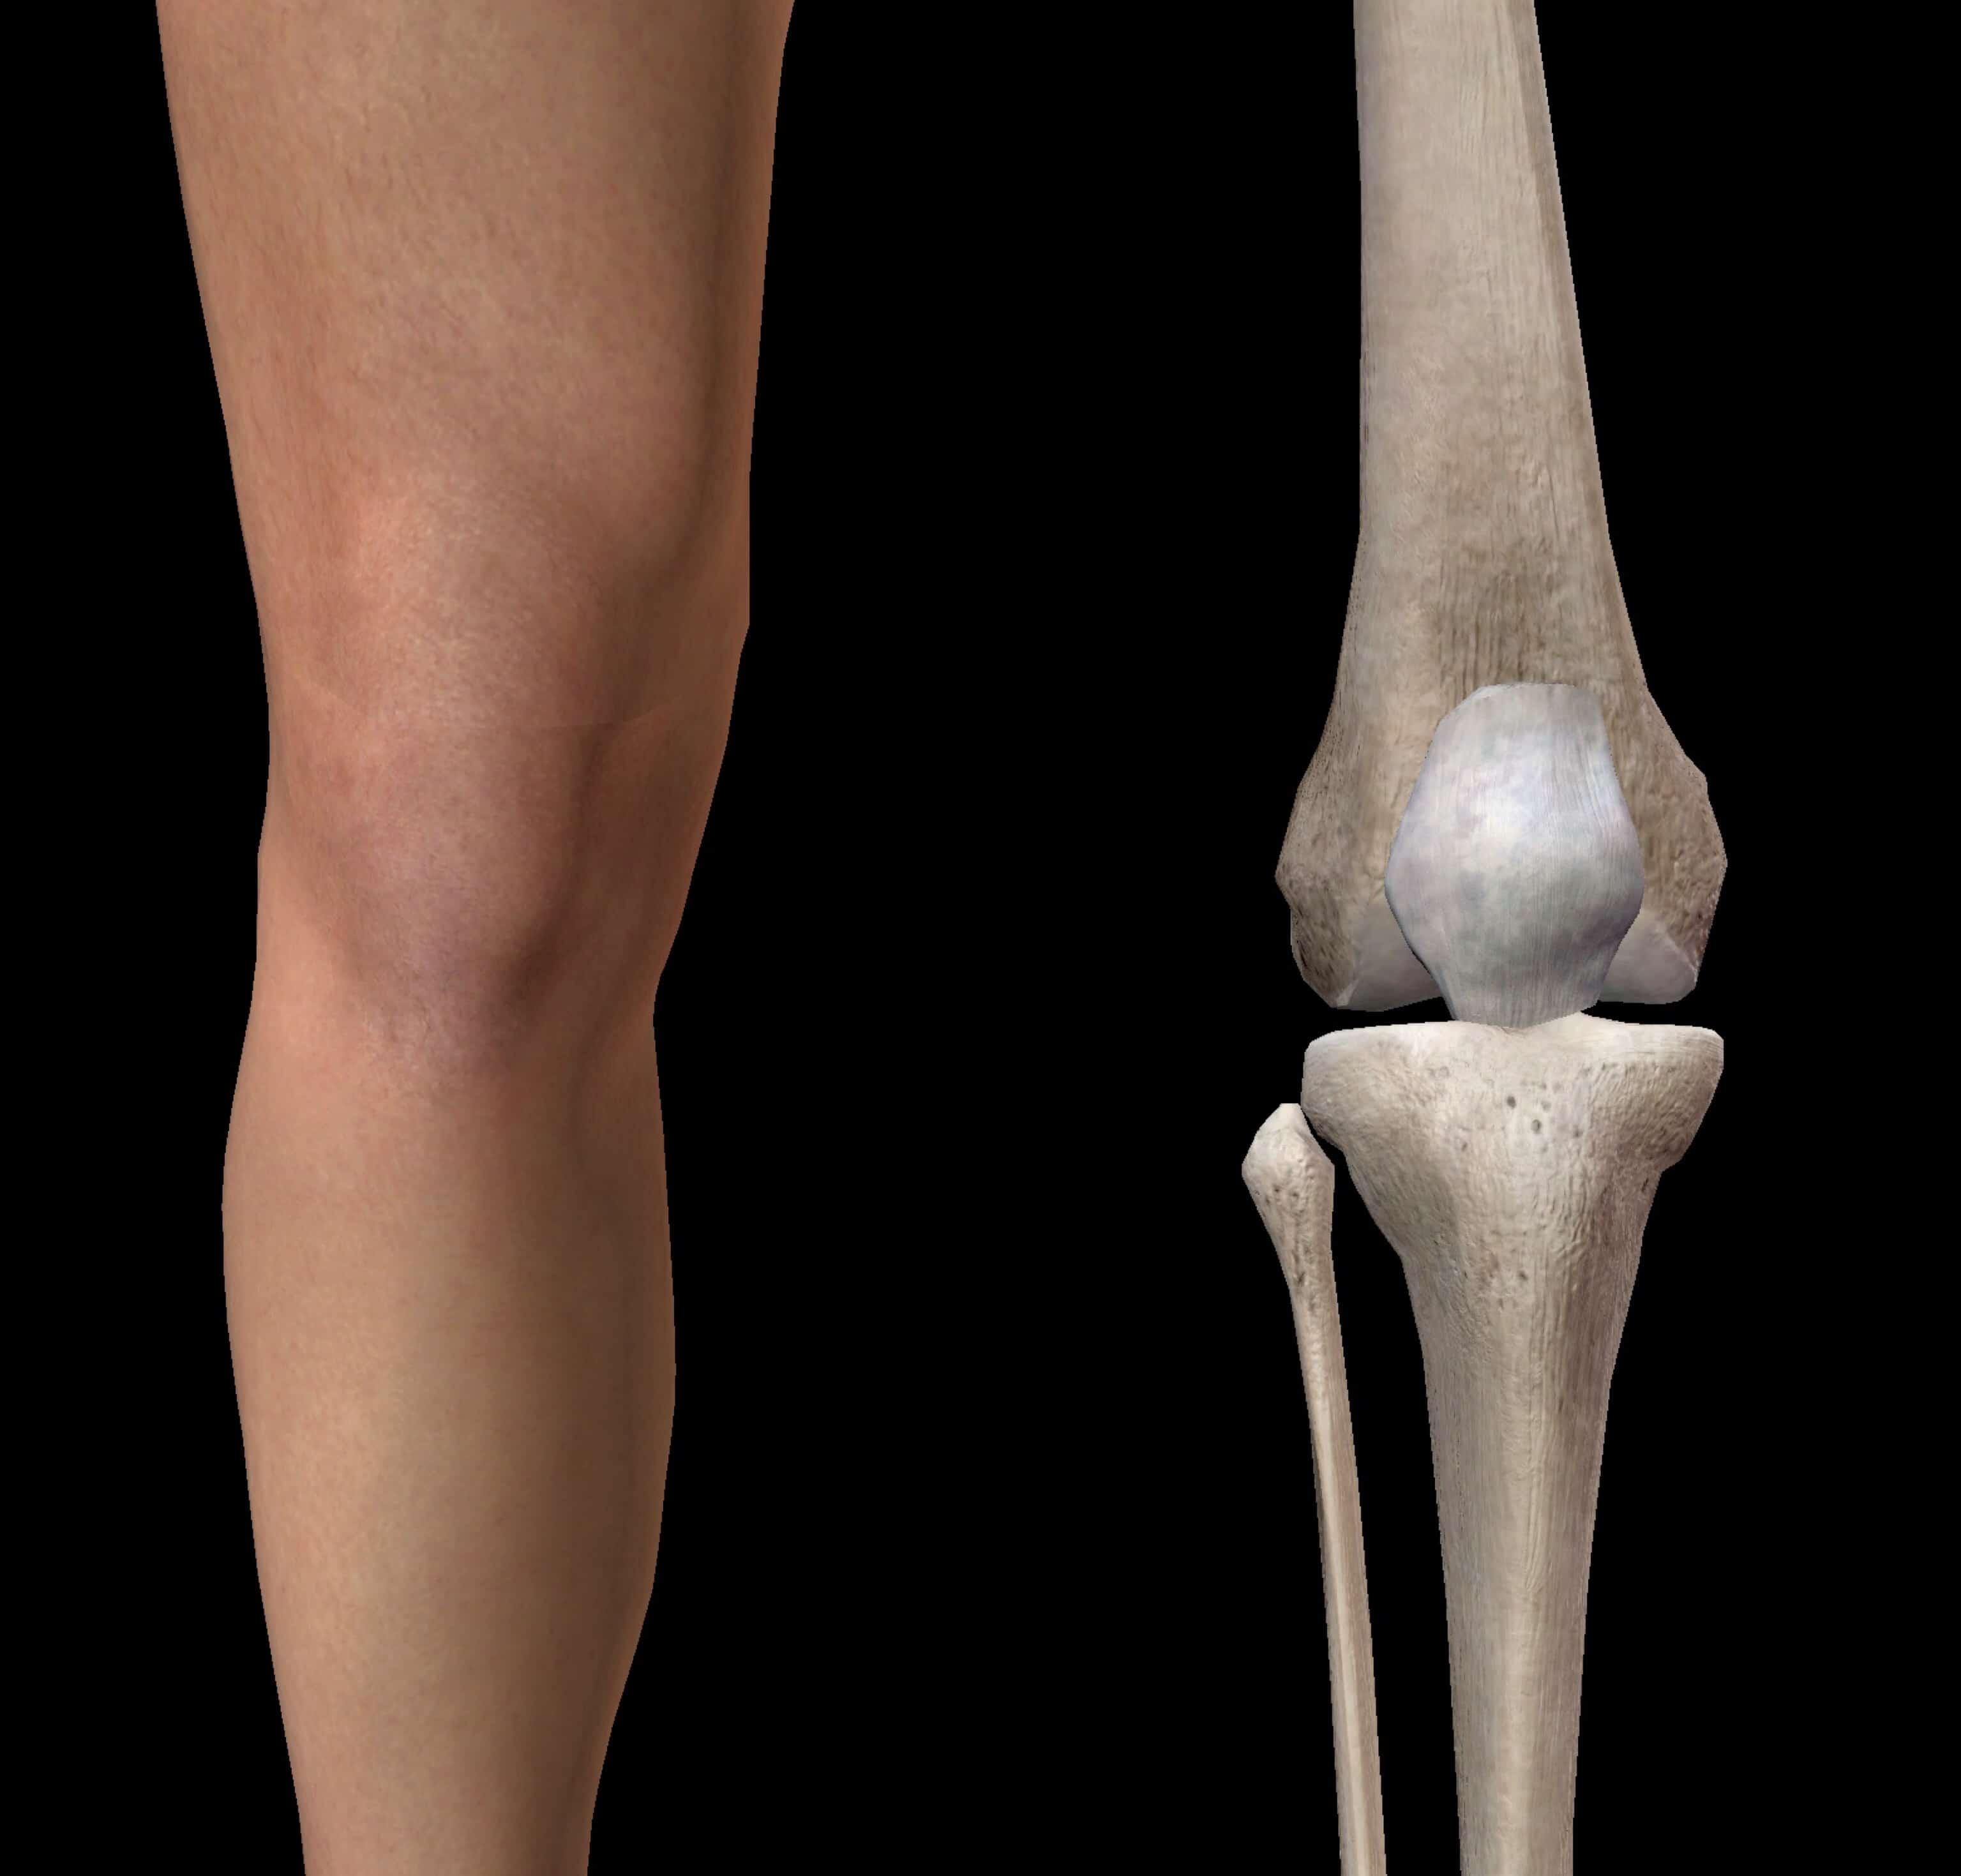 膝の体表図と骨の対比図